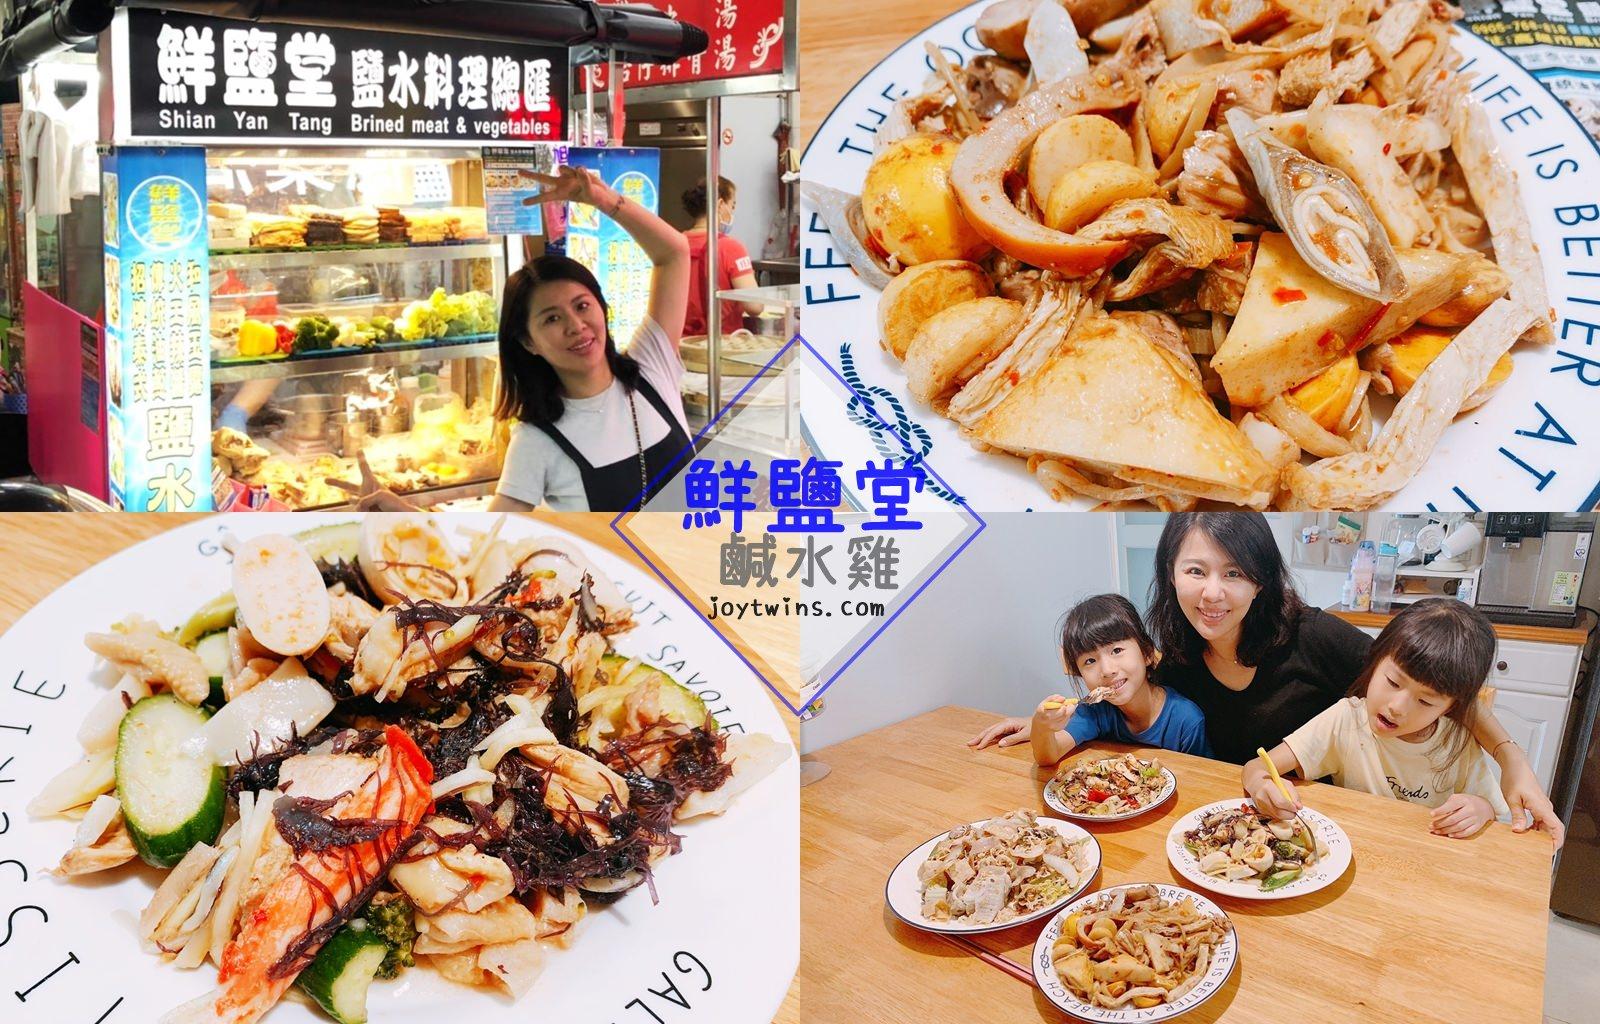 鮮鹽堂泰式鹽水雞 鳳山中山店 獨家特製4種醬料!必吃招牌泰式及火工辣醬 (高雄美食)